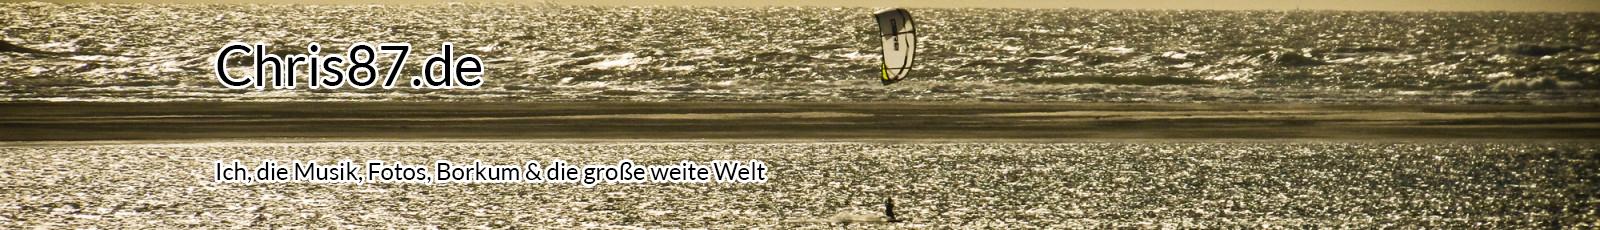 cropped-kite.jpg